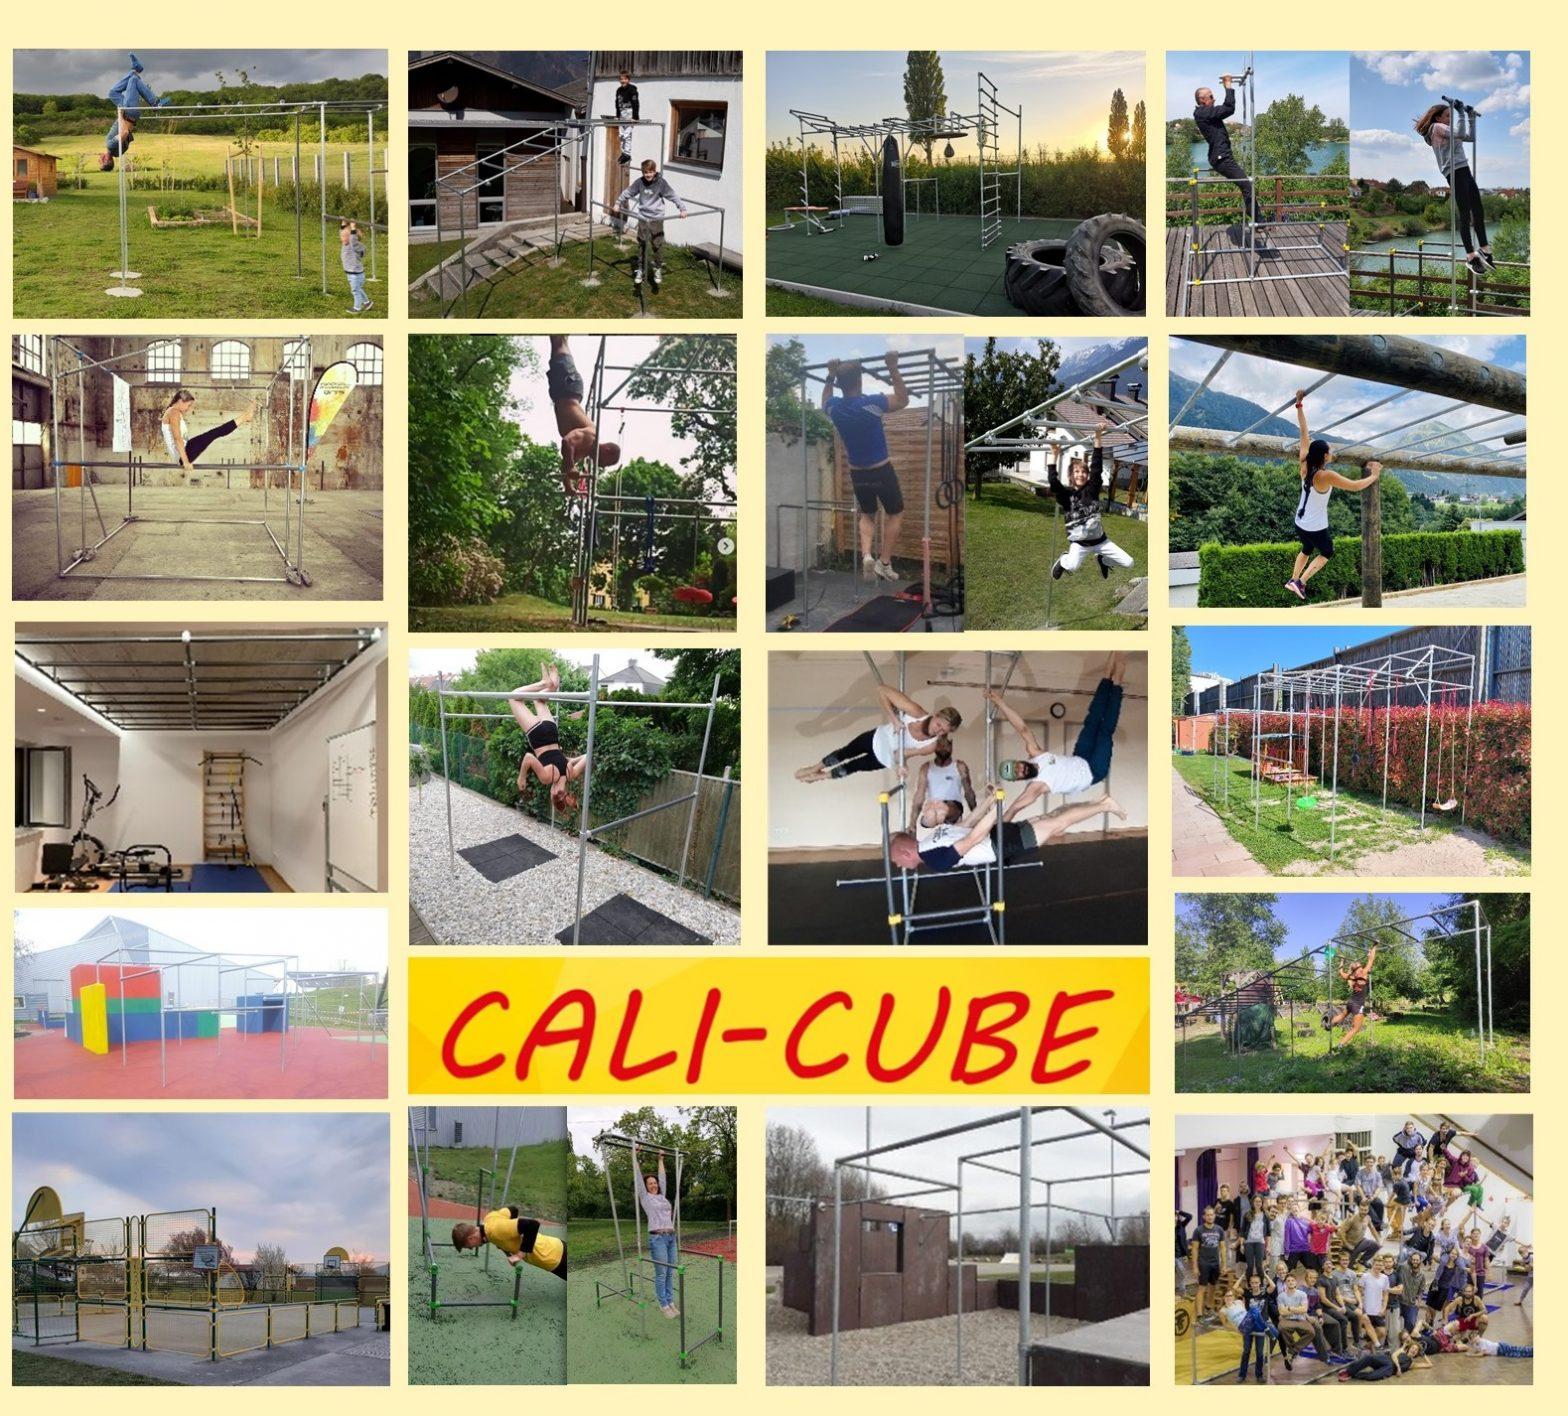 Viele verschiedene Möglichkeiten mit CALI-CUBE